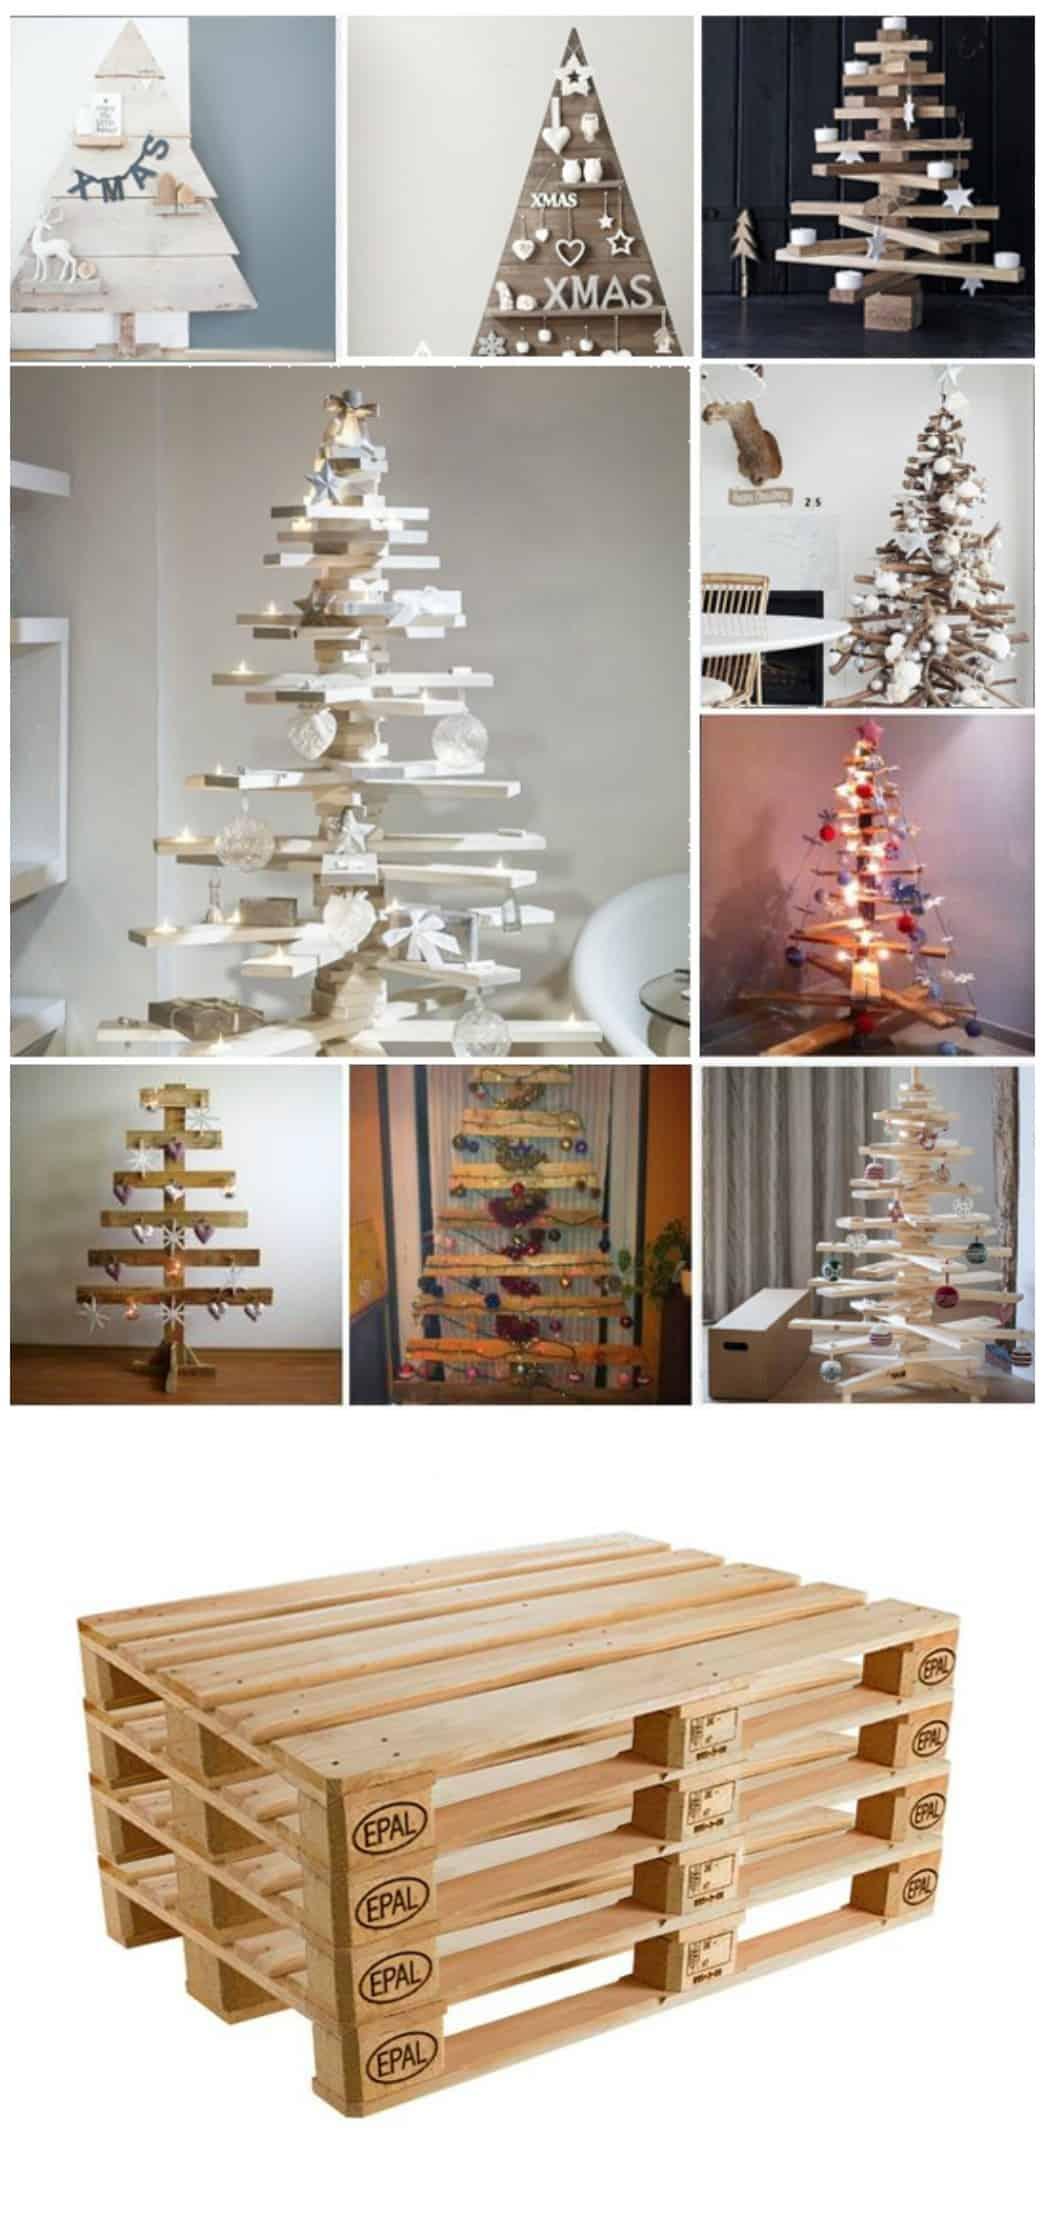 Natale arredo tendenze shabby chic stile scandinavo e - Arredo per la casa ...